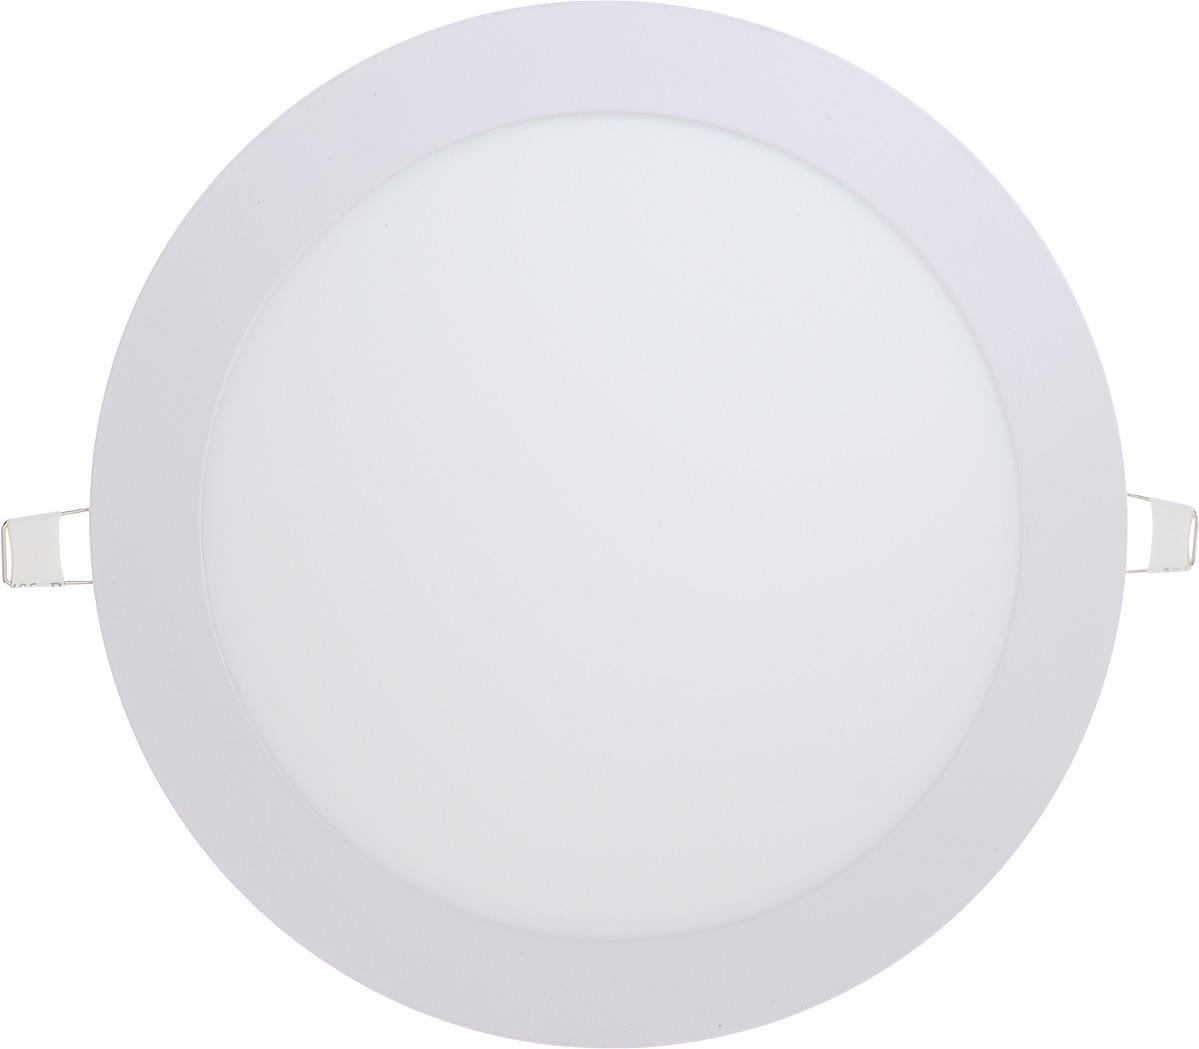 Встраиваемый светильник SmartBuy DL, SBL-DL-18-4K, белый